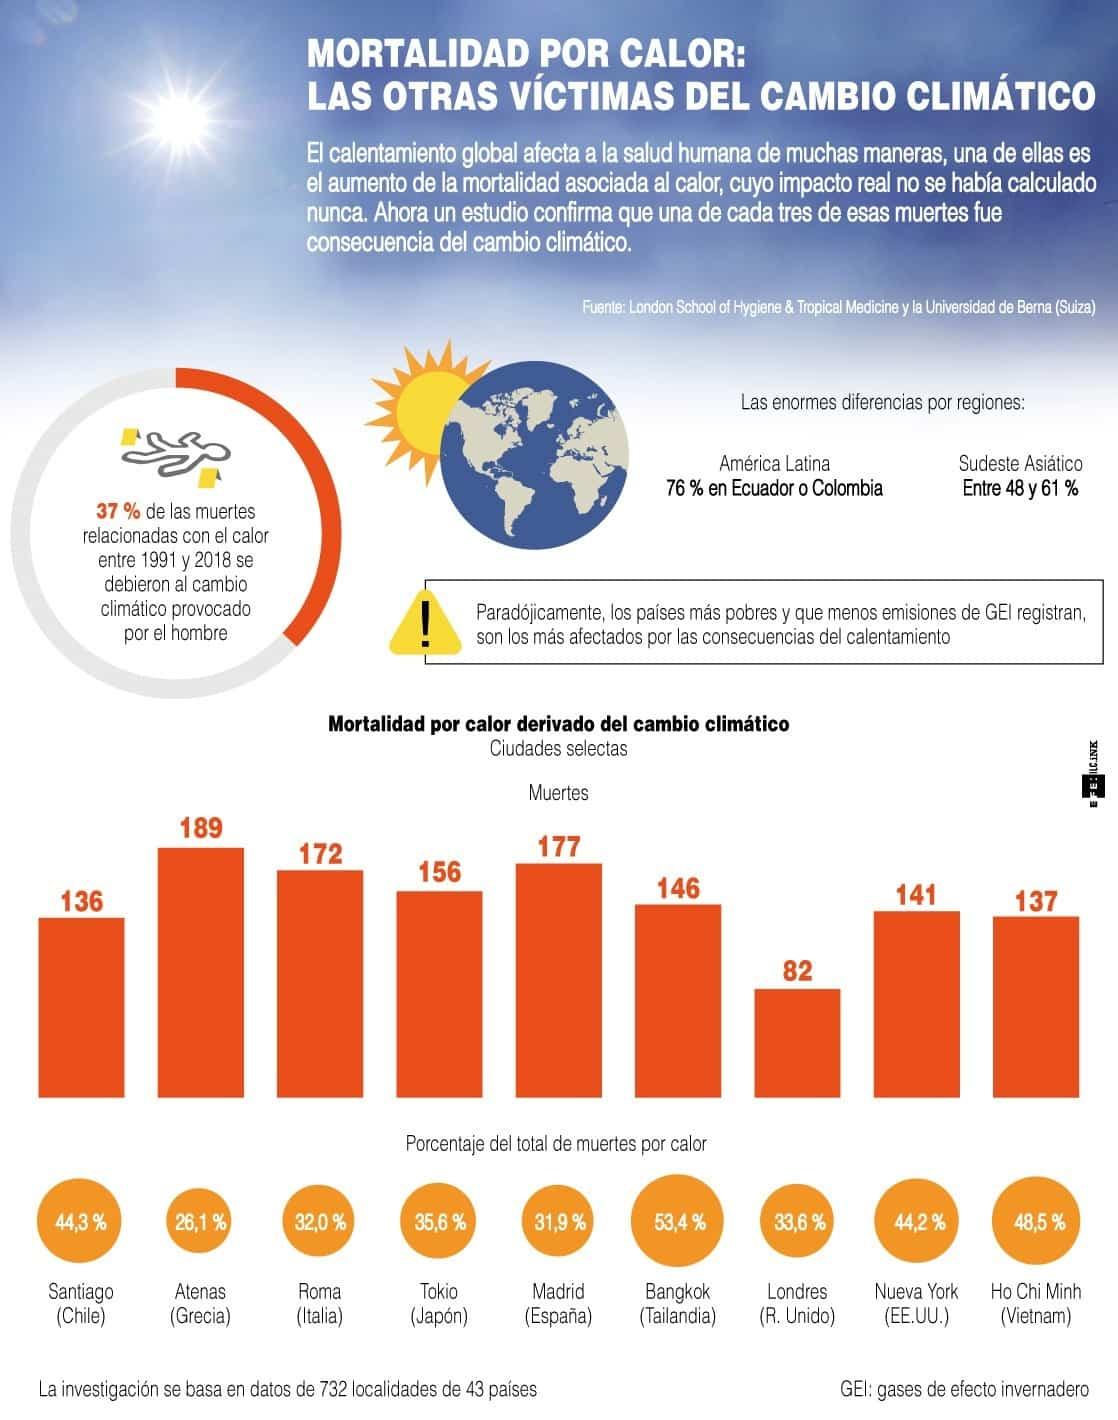 [Infografía] - Mortalidad por calor: las otras víctimas del cambio climático 1